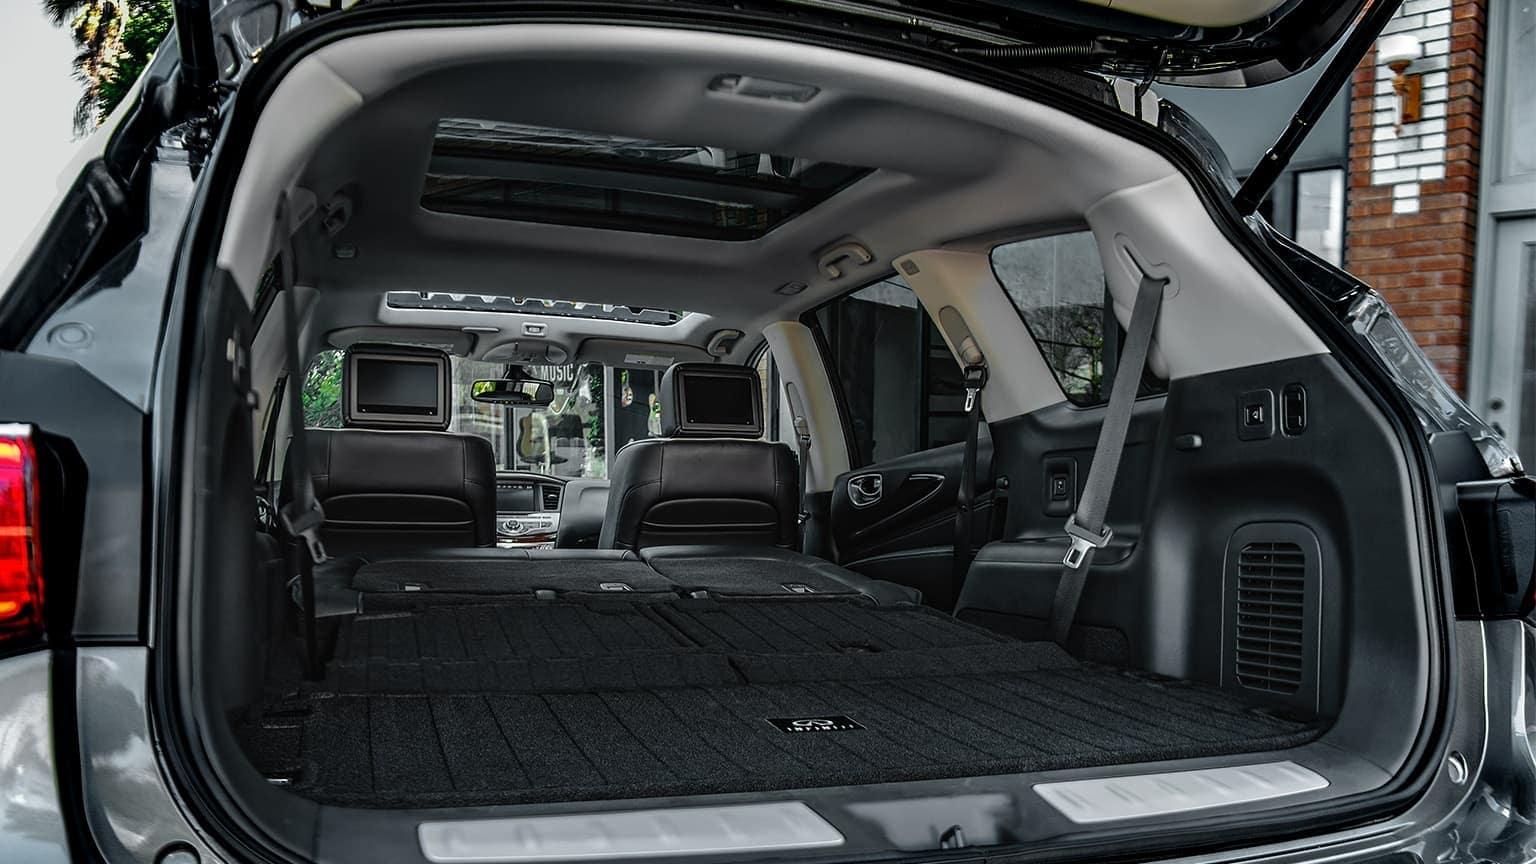 2020 INFINITI QX60 cargo space